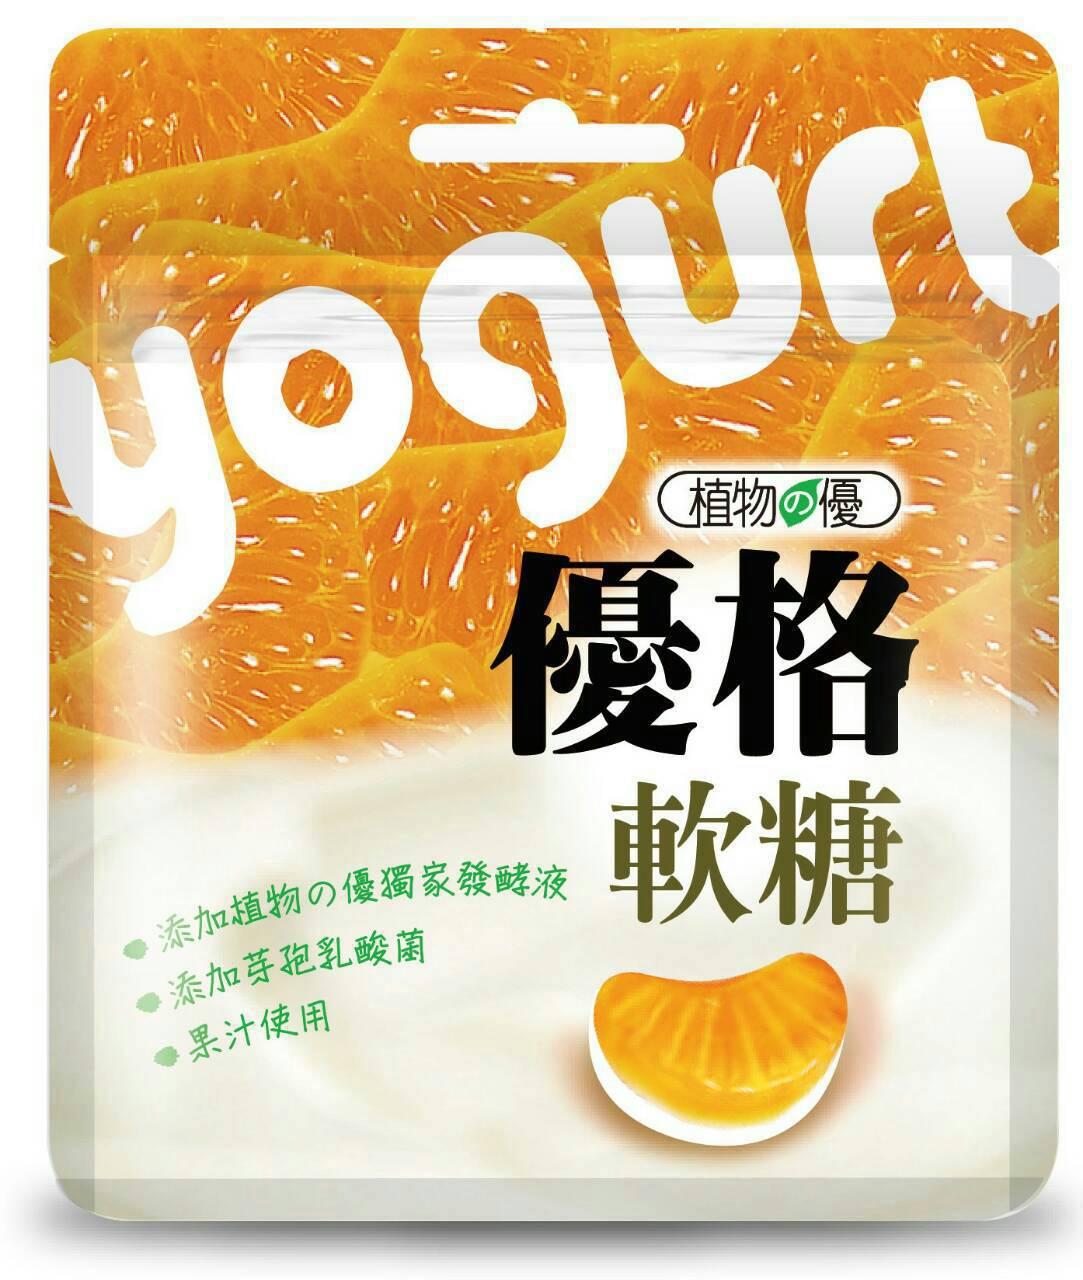 ●植物的優-優格軟糖-橘子35g單包【合迷雅好物超級商城】